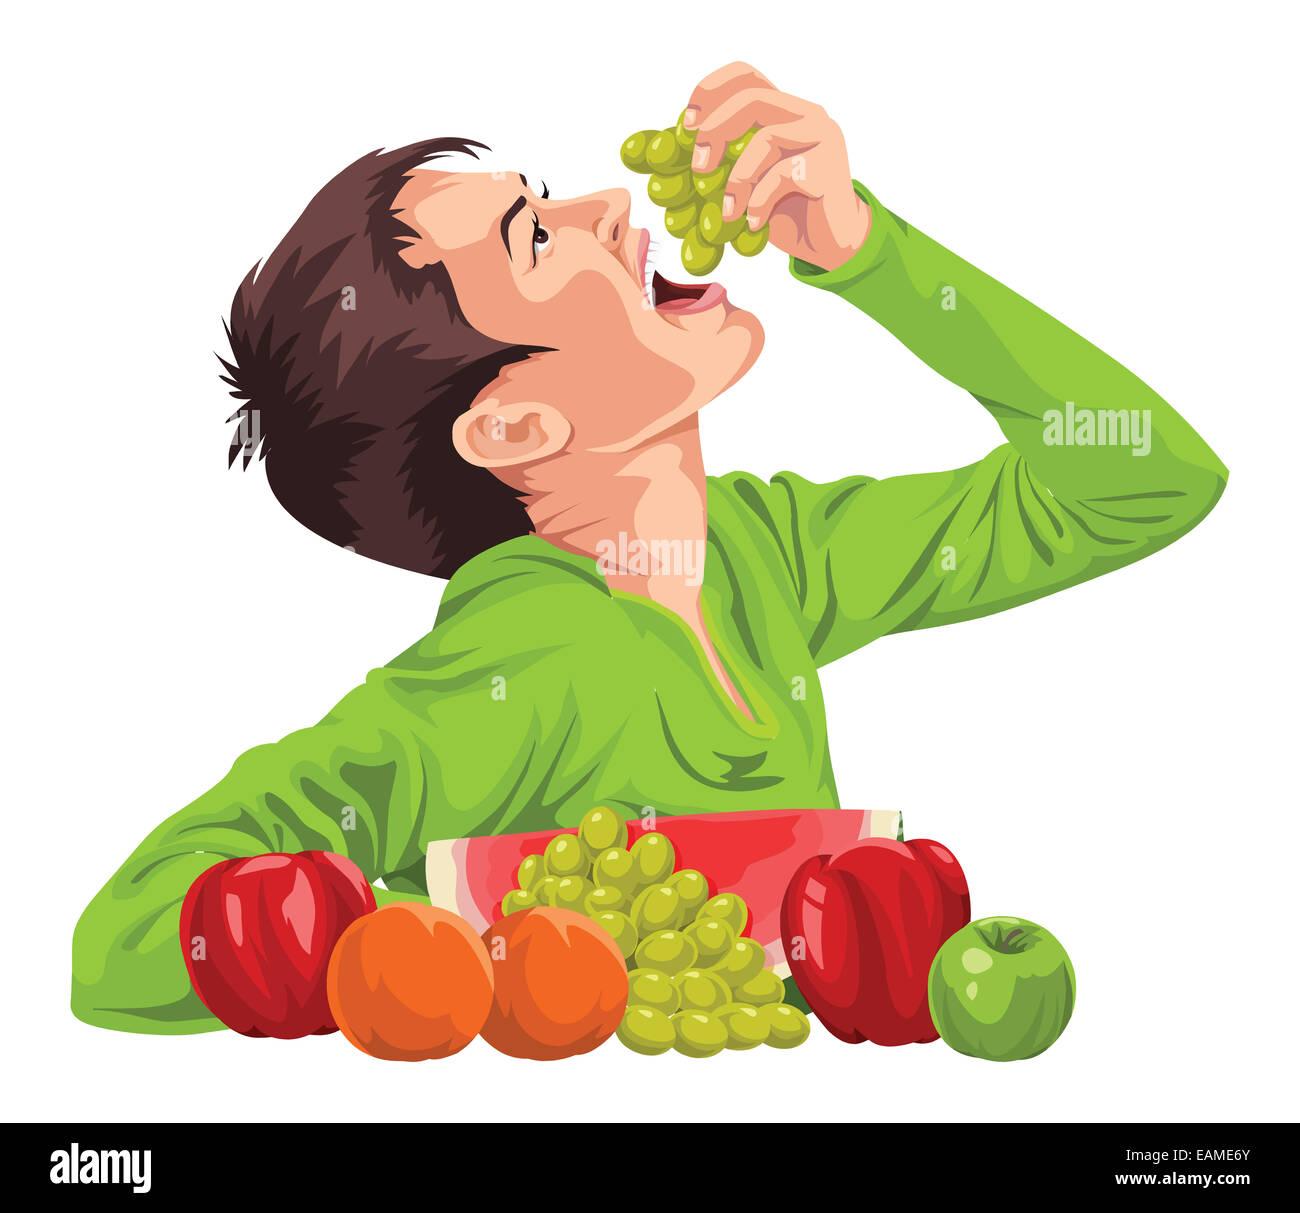 Healthy Food Cartoon Teenager Boy Stock Photos & Healthy